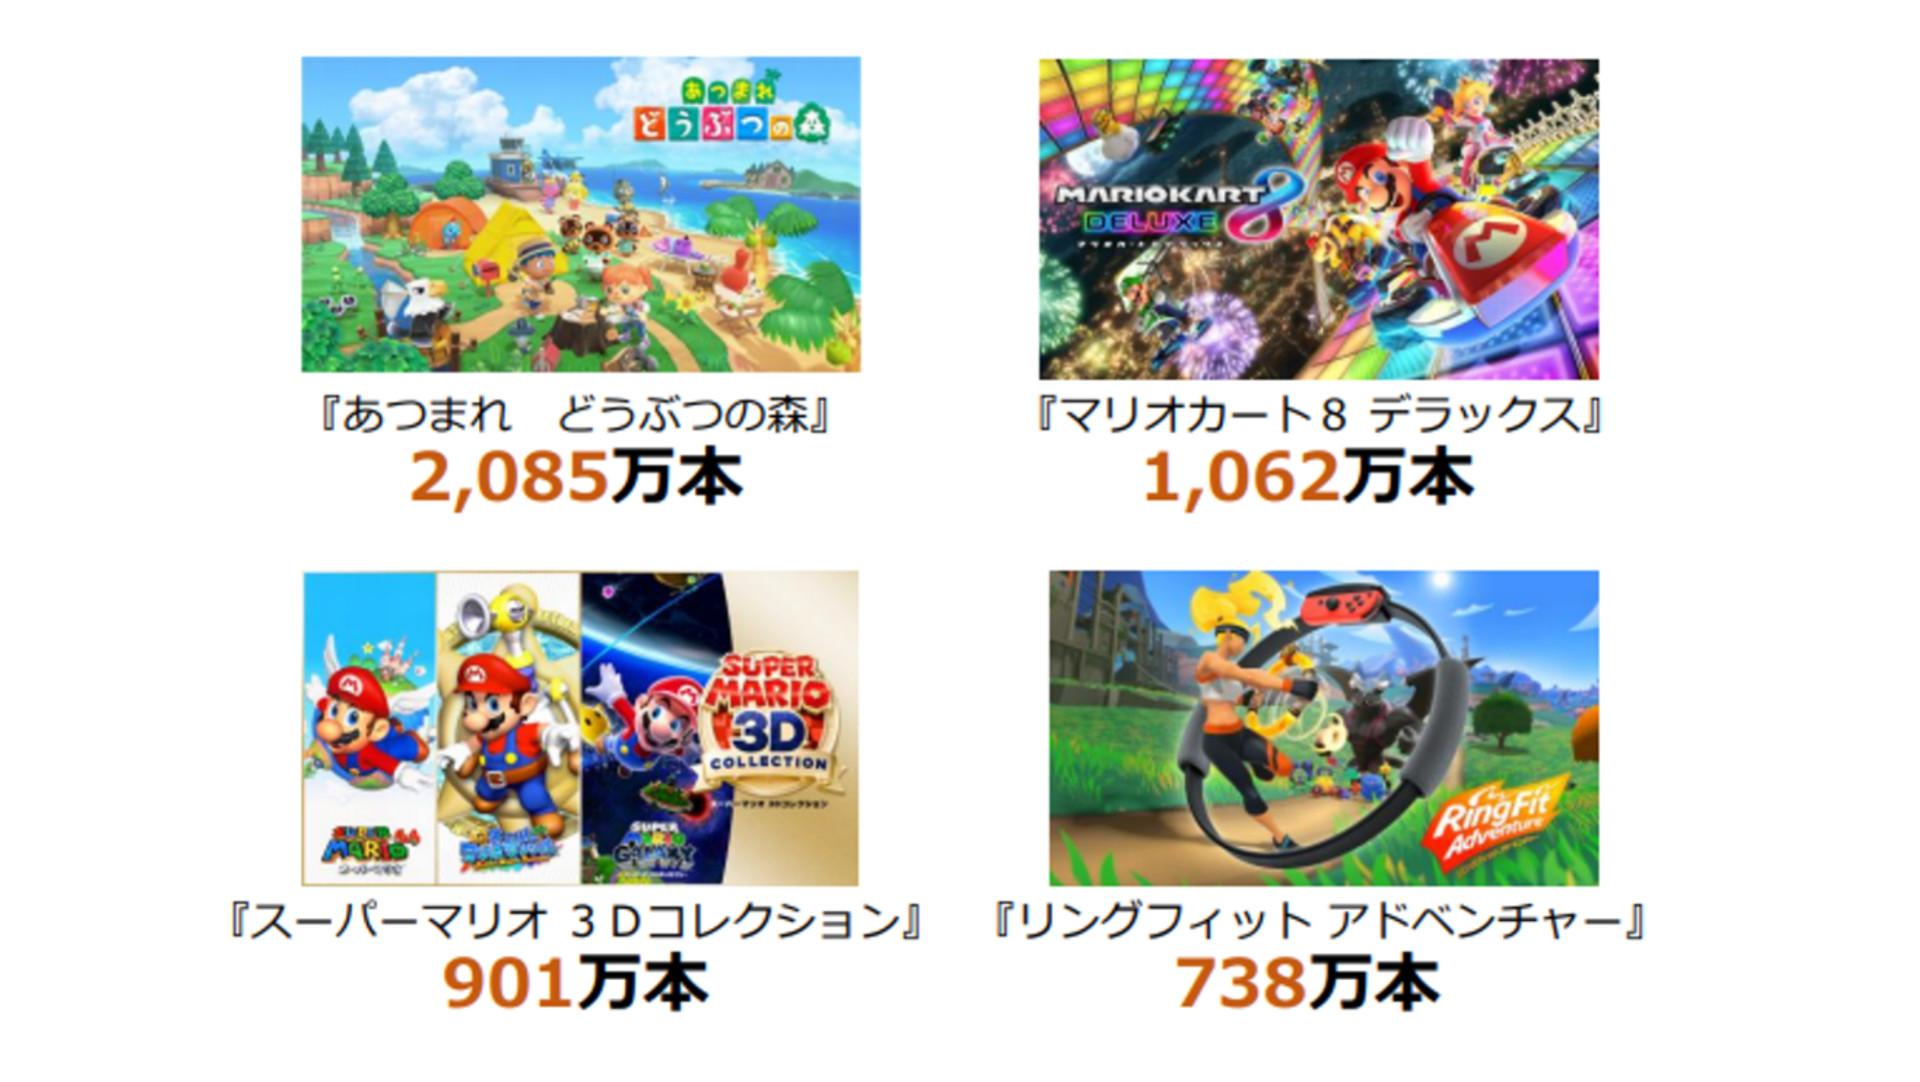 任天堂が2020年度の決算を発表。売上高1兆7589億円、純利益4803億円(前期比85.7%増)に。『あつ森』累計販売3263万本